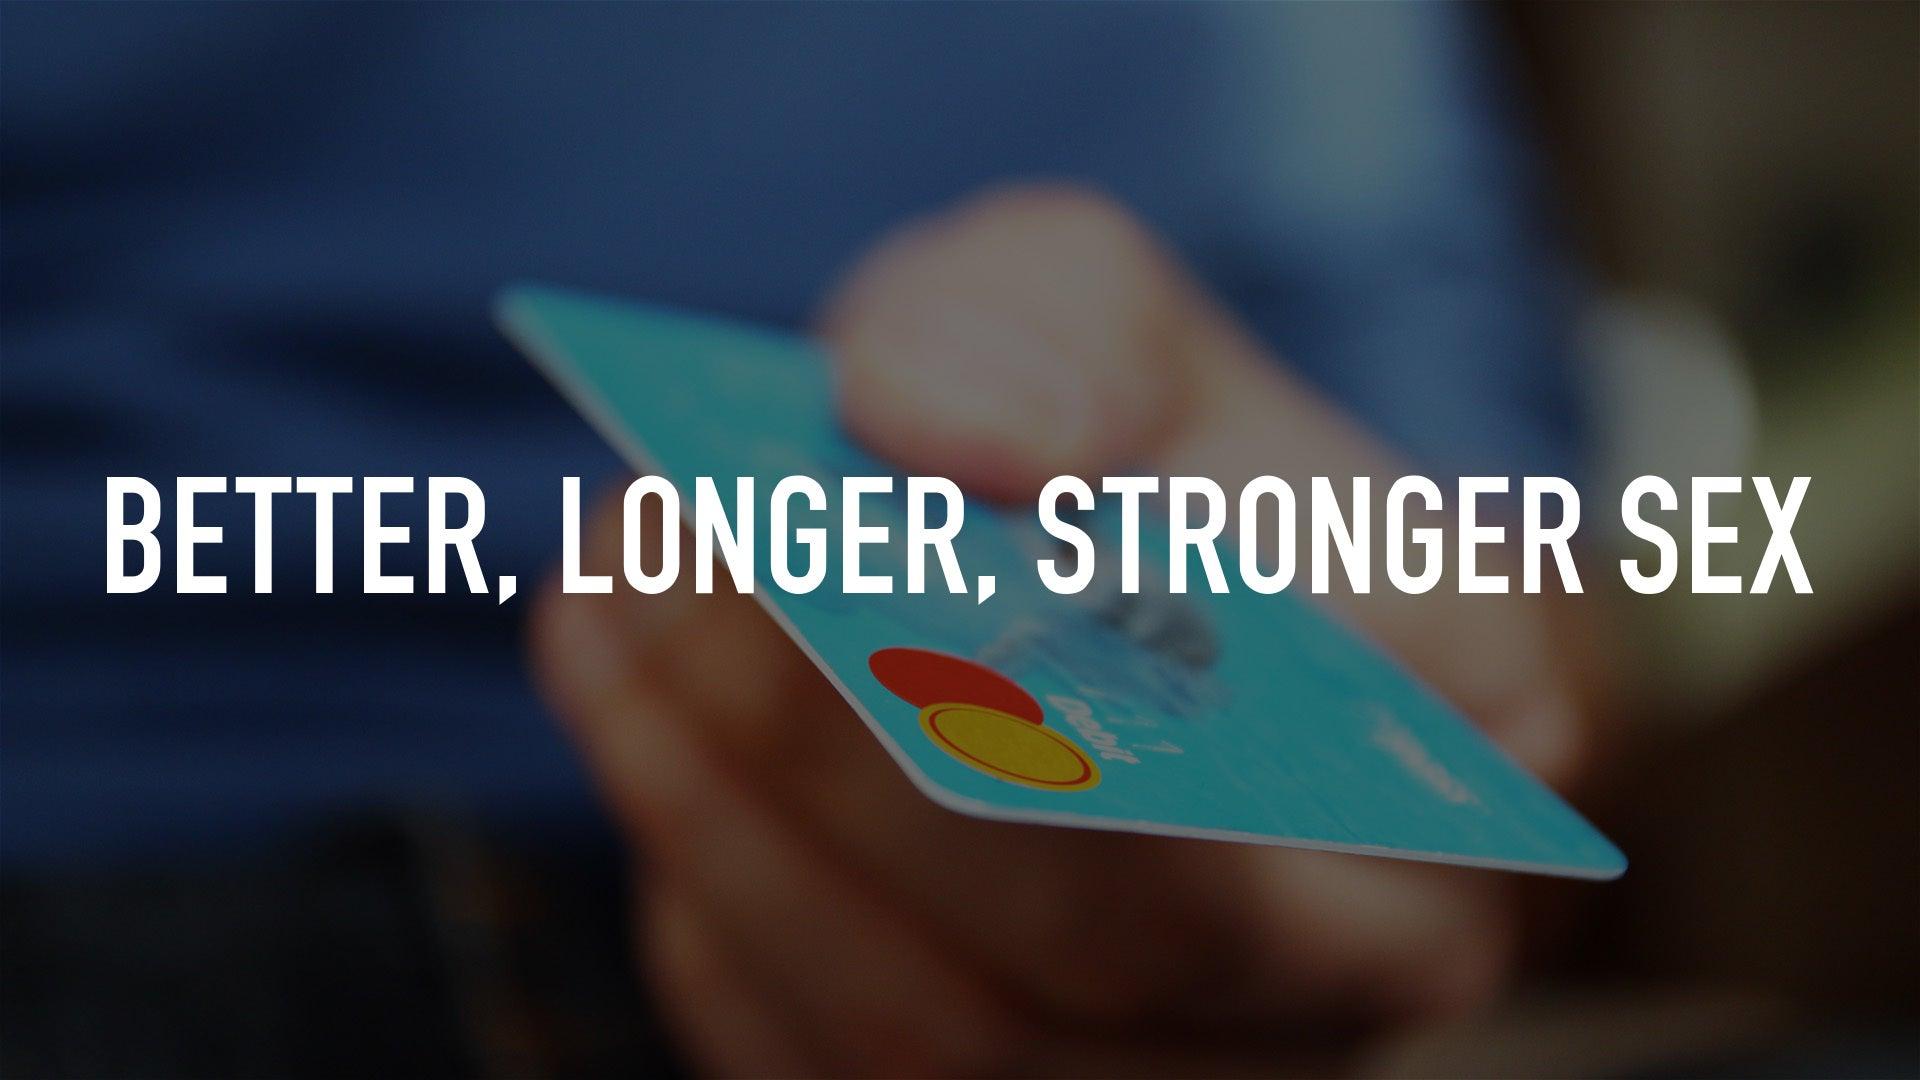 Better, Longer, Stronger Sex